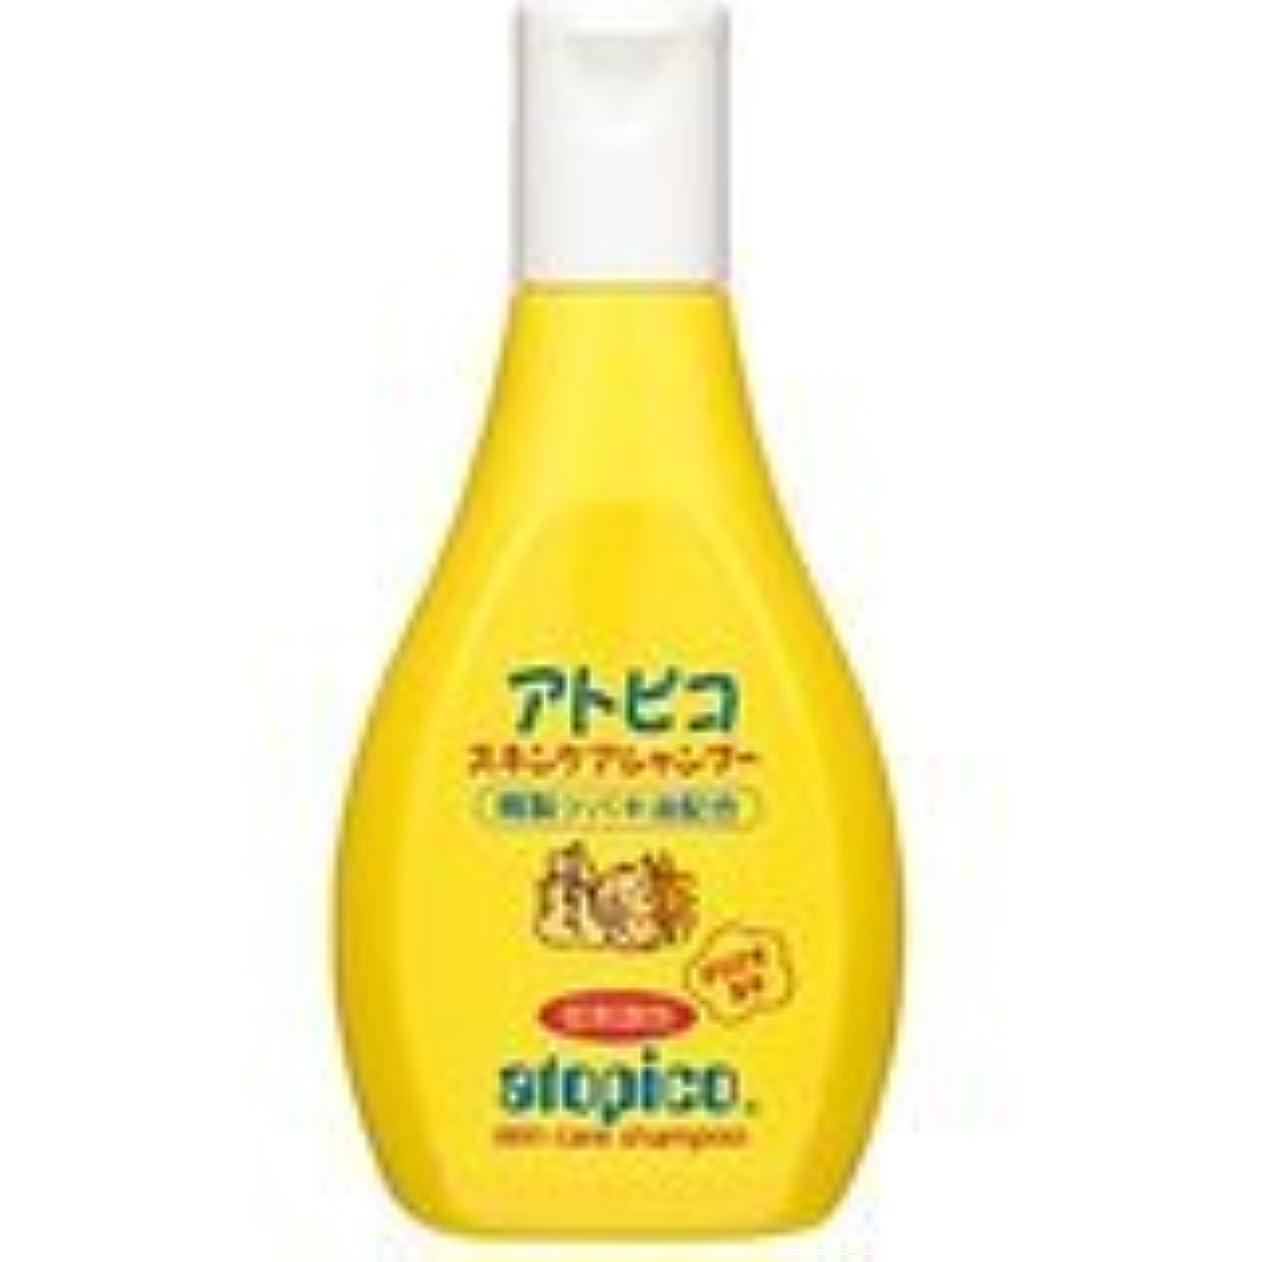 【アトピコ】スキンケアシャンプー 200ml